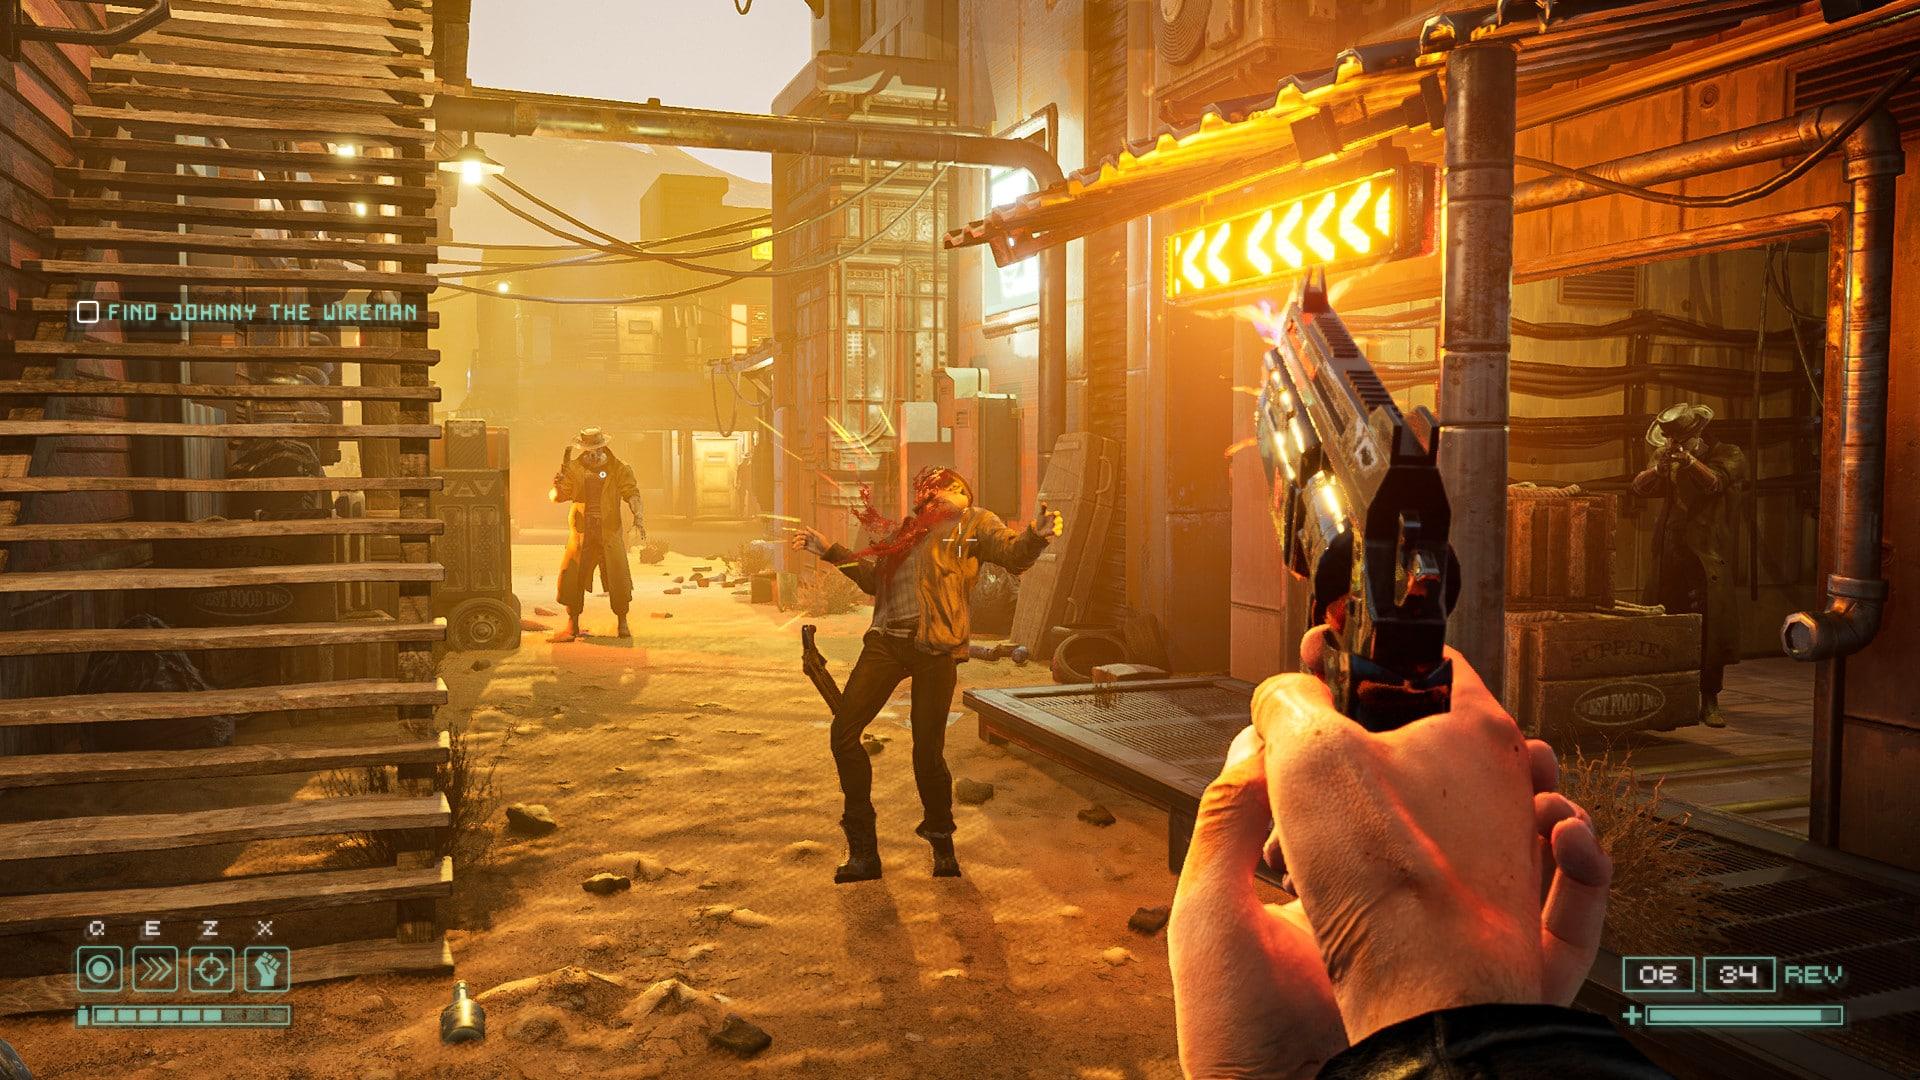 ExeKiller interview Kasia Widmańska Amadeusz Wróbel Paradark Studio cyberpunk sci-fi western open-world reveals PC Trailer Steam GOG consoles